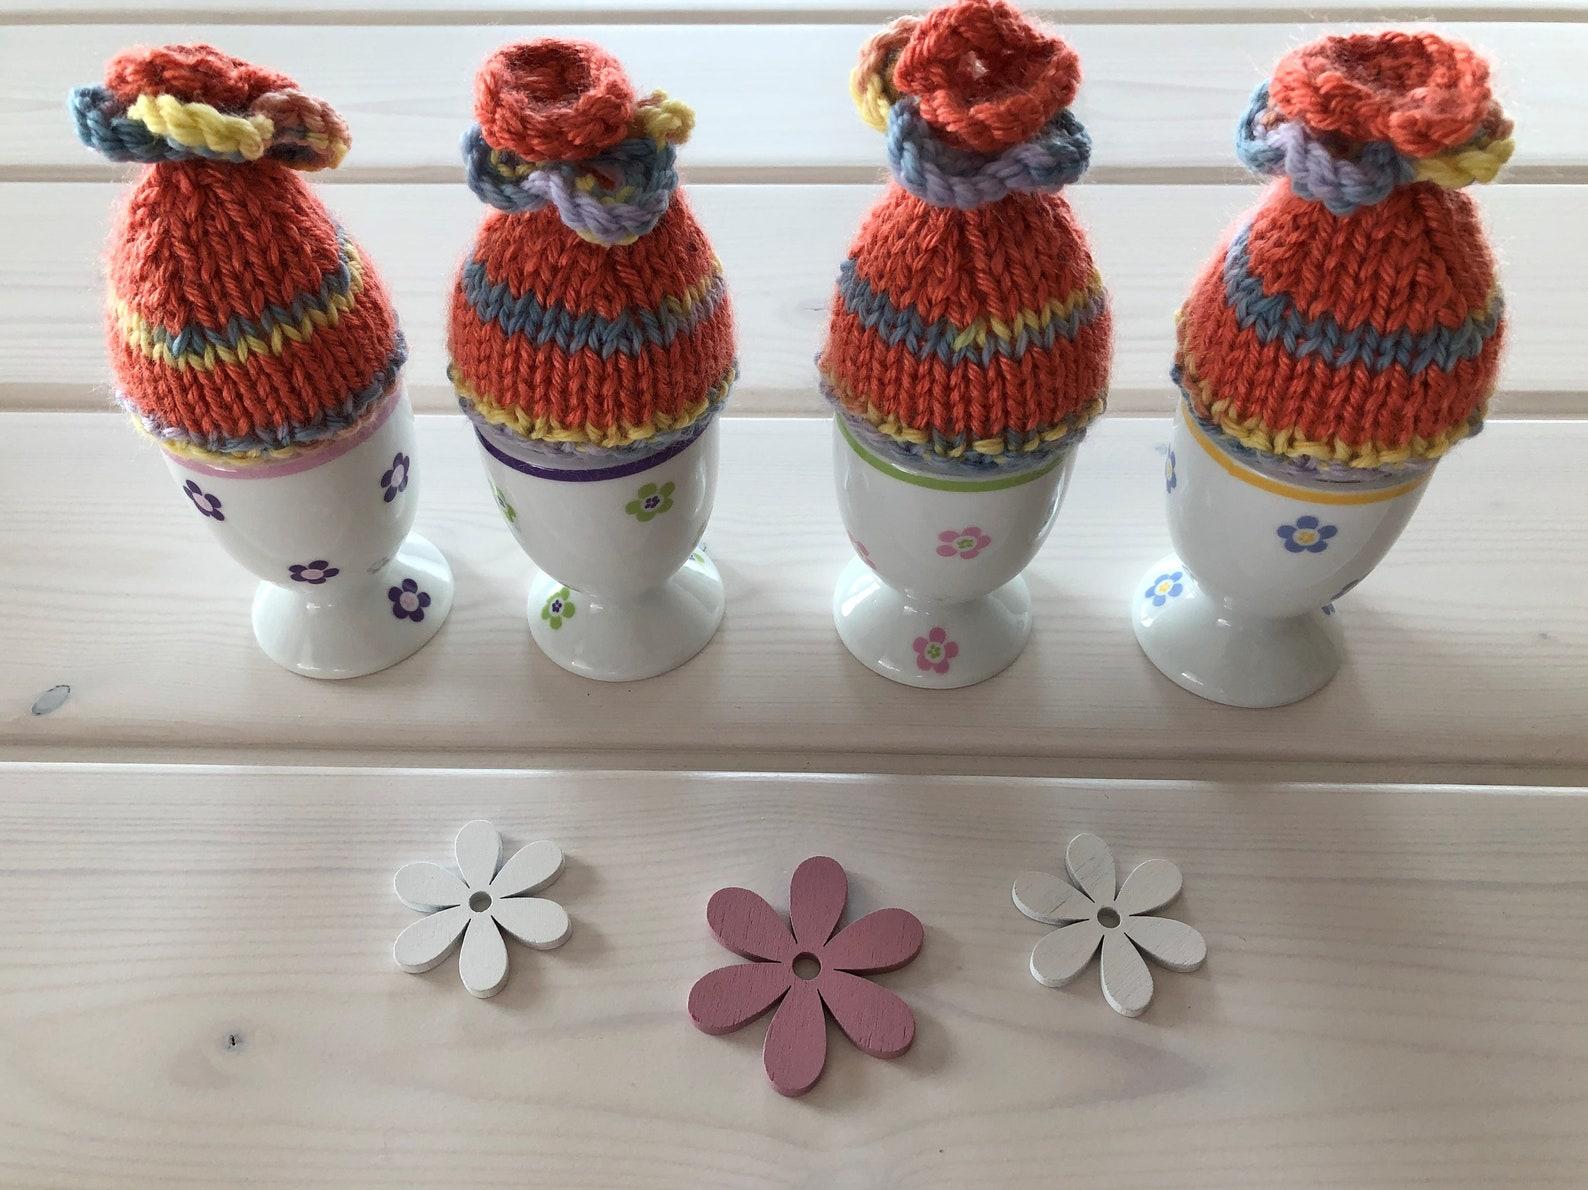 Egg cozy, egg warmer, Easter egg beanie, knitted egg cozies